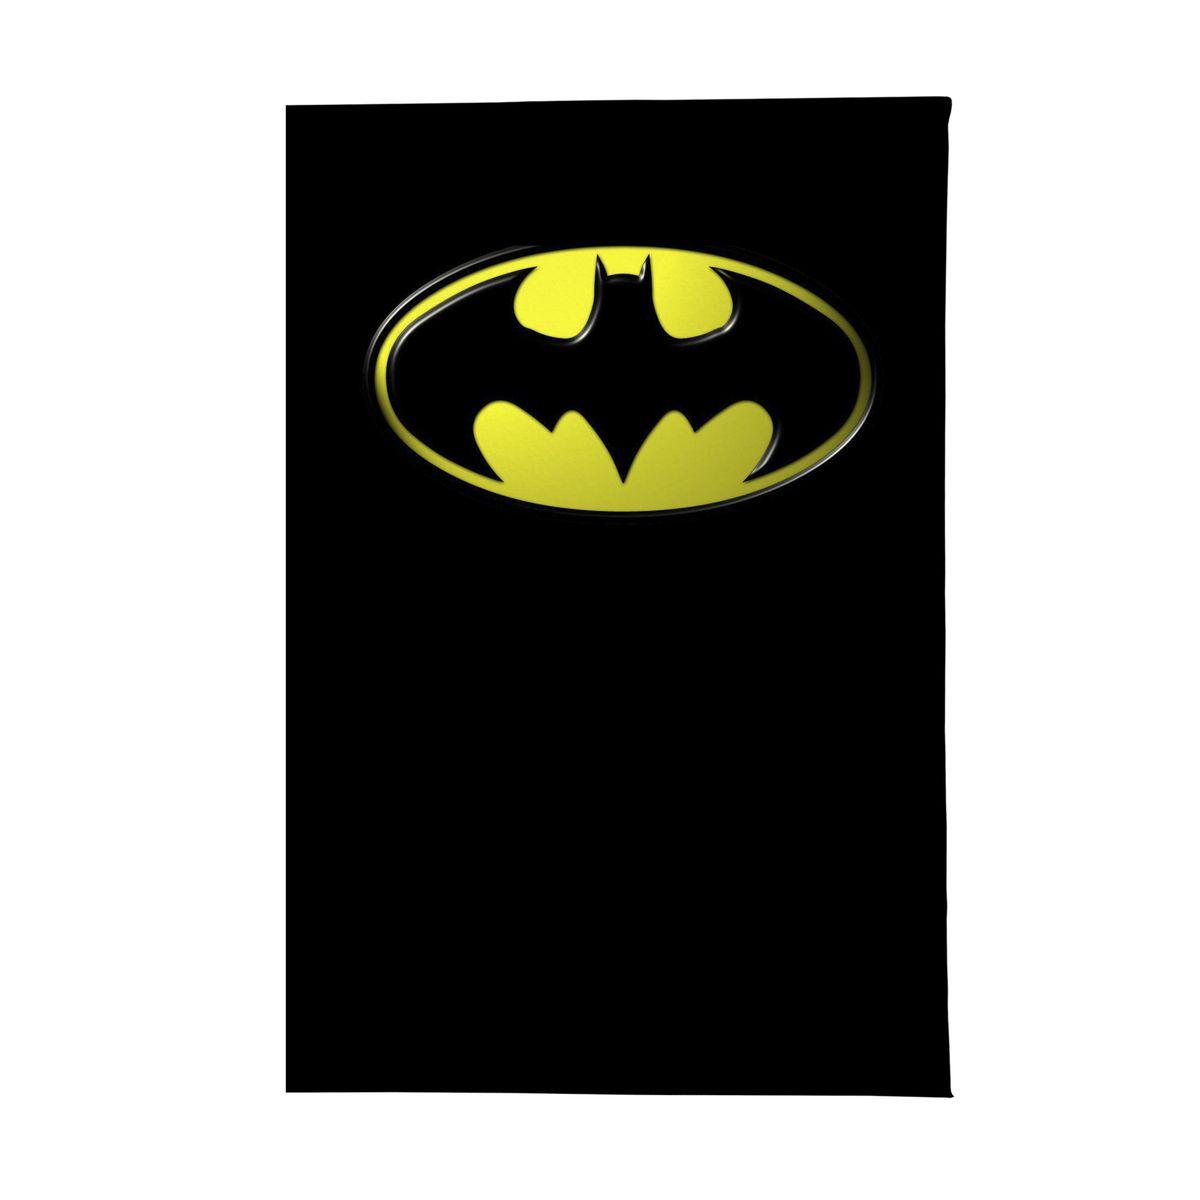 Обложка для автодокументов Бэтмен. AUTO145AUTO145Стильная обложка для автодокументов Mitya Veselkov не только поможет сохранить внешний вид ваших документов и защитить их от повреждений, но и станет стильным аксессуаром, идеально подходящим вашему образу. Она выполнена из натуральной кожи, внутри имеет съемный вкладыш, состоящий из шести файлов для документов, один из которых формата А5.